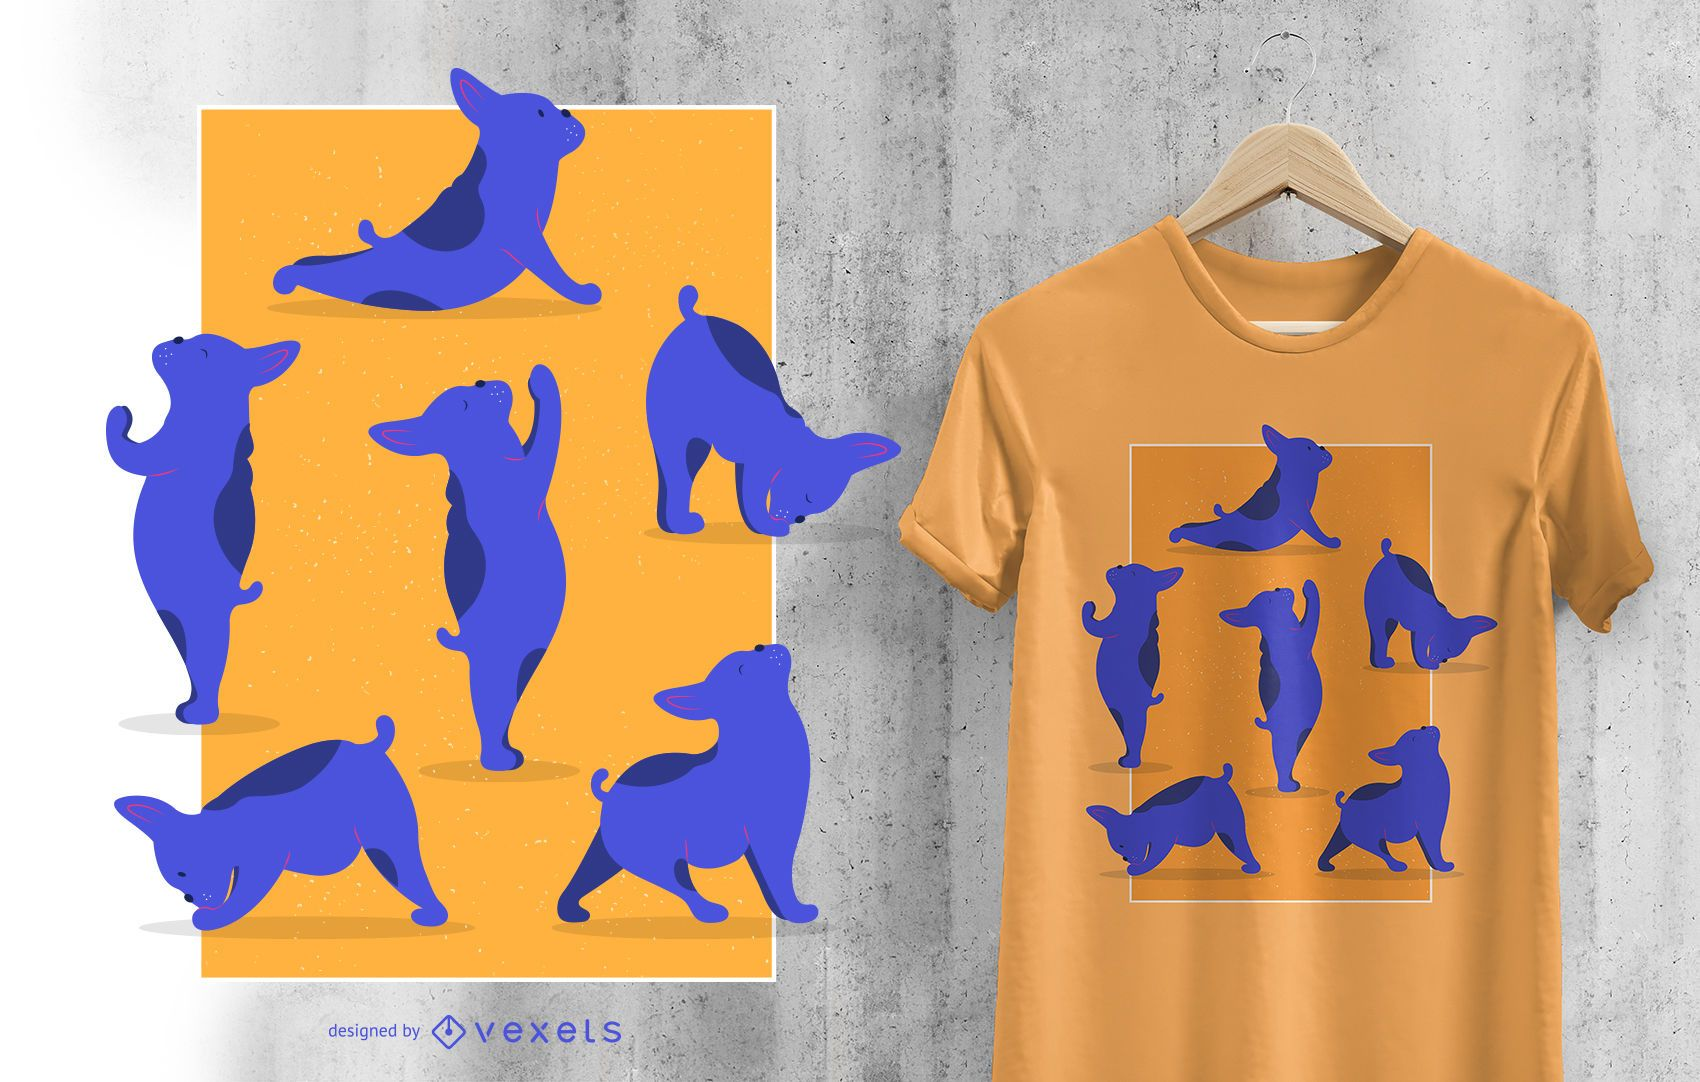 French Bulldog Yoga Asanas Funny Dog T-shirt Design